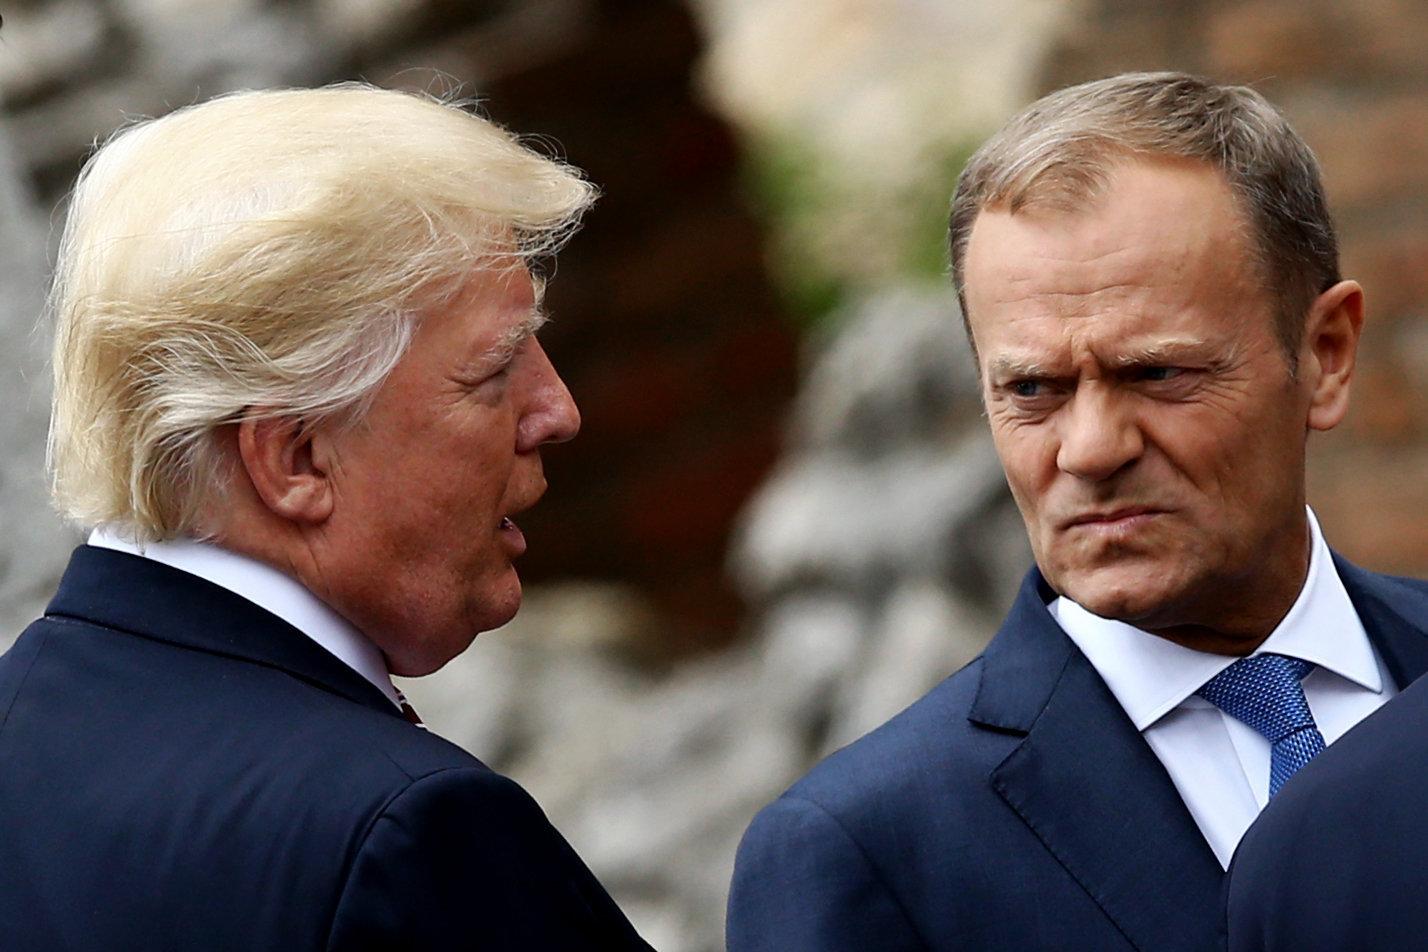 Τουσκ προς Τραμπ: Κάντε εμπόριο, όχι πόλεμο, κύριε